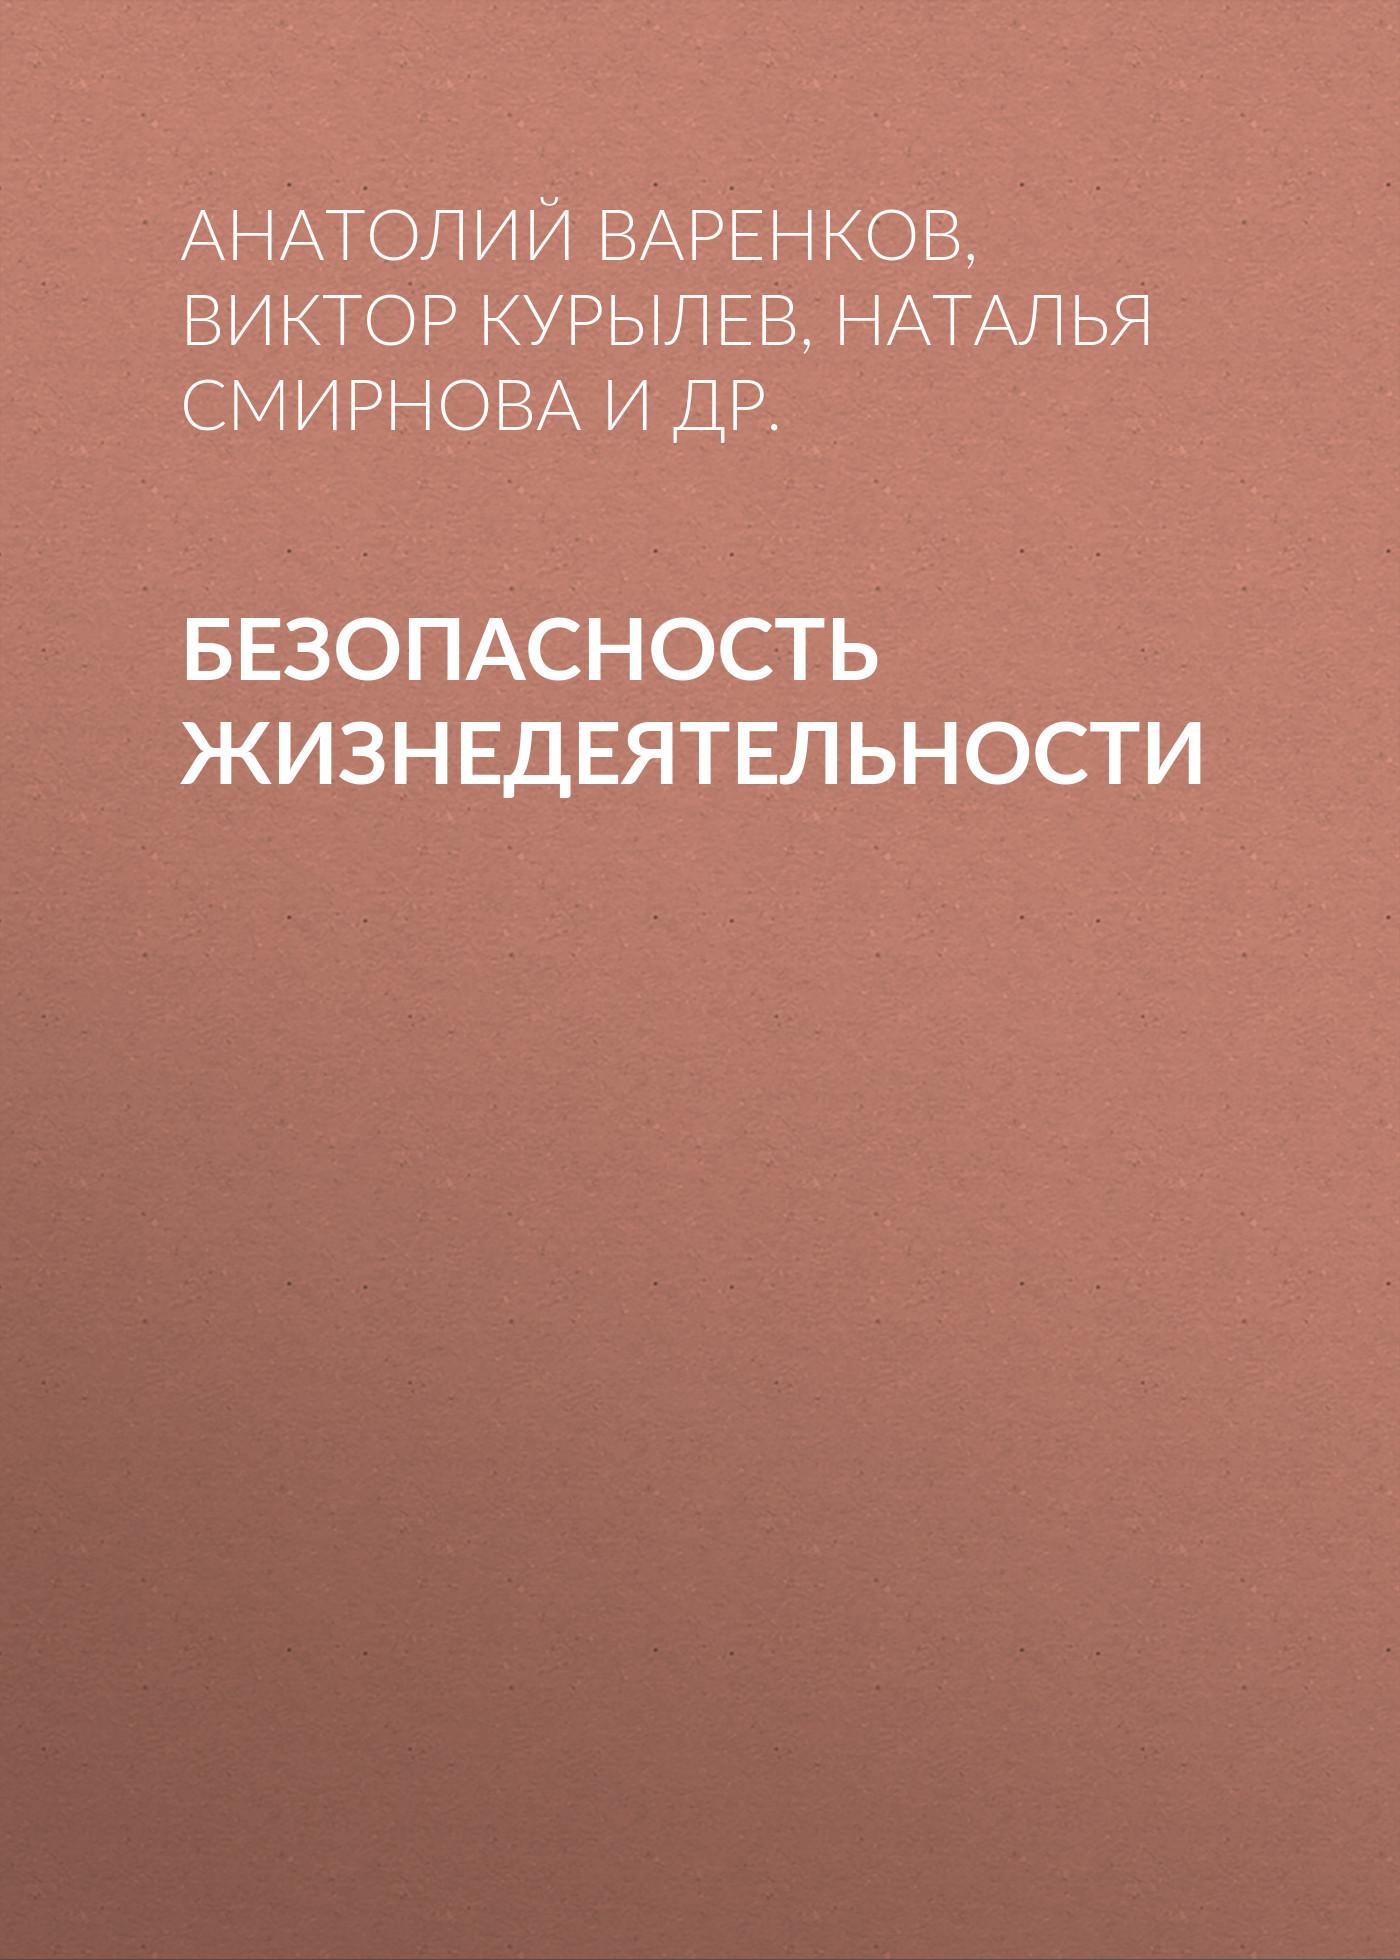 Анатолий Варенков Безопасность жизнедеятельности международный электротехнический словарь регистрация и измерение ионизирующего излучения электричес